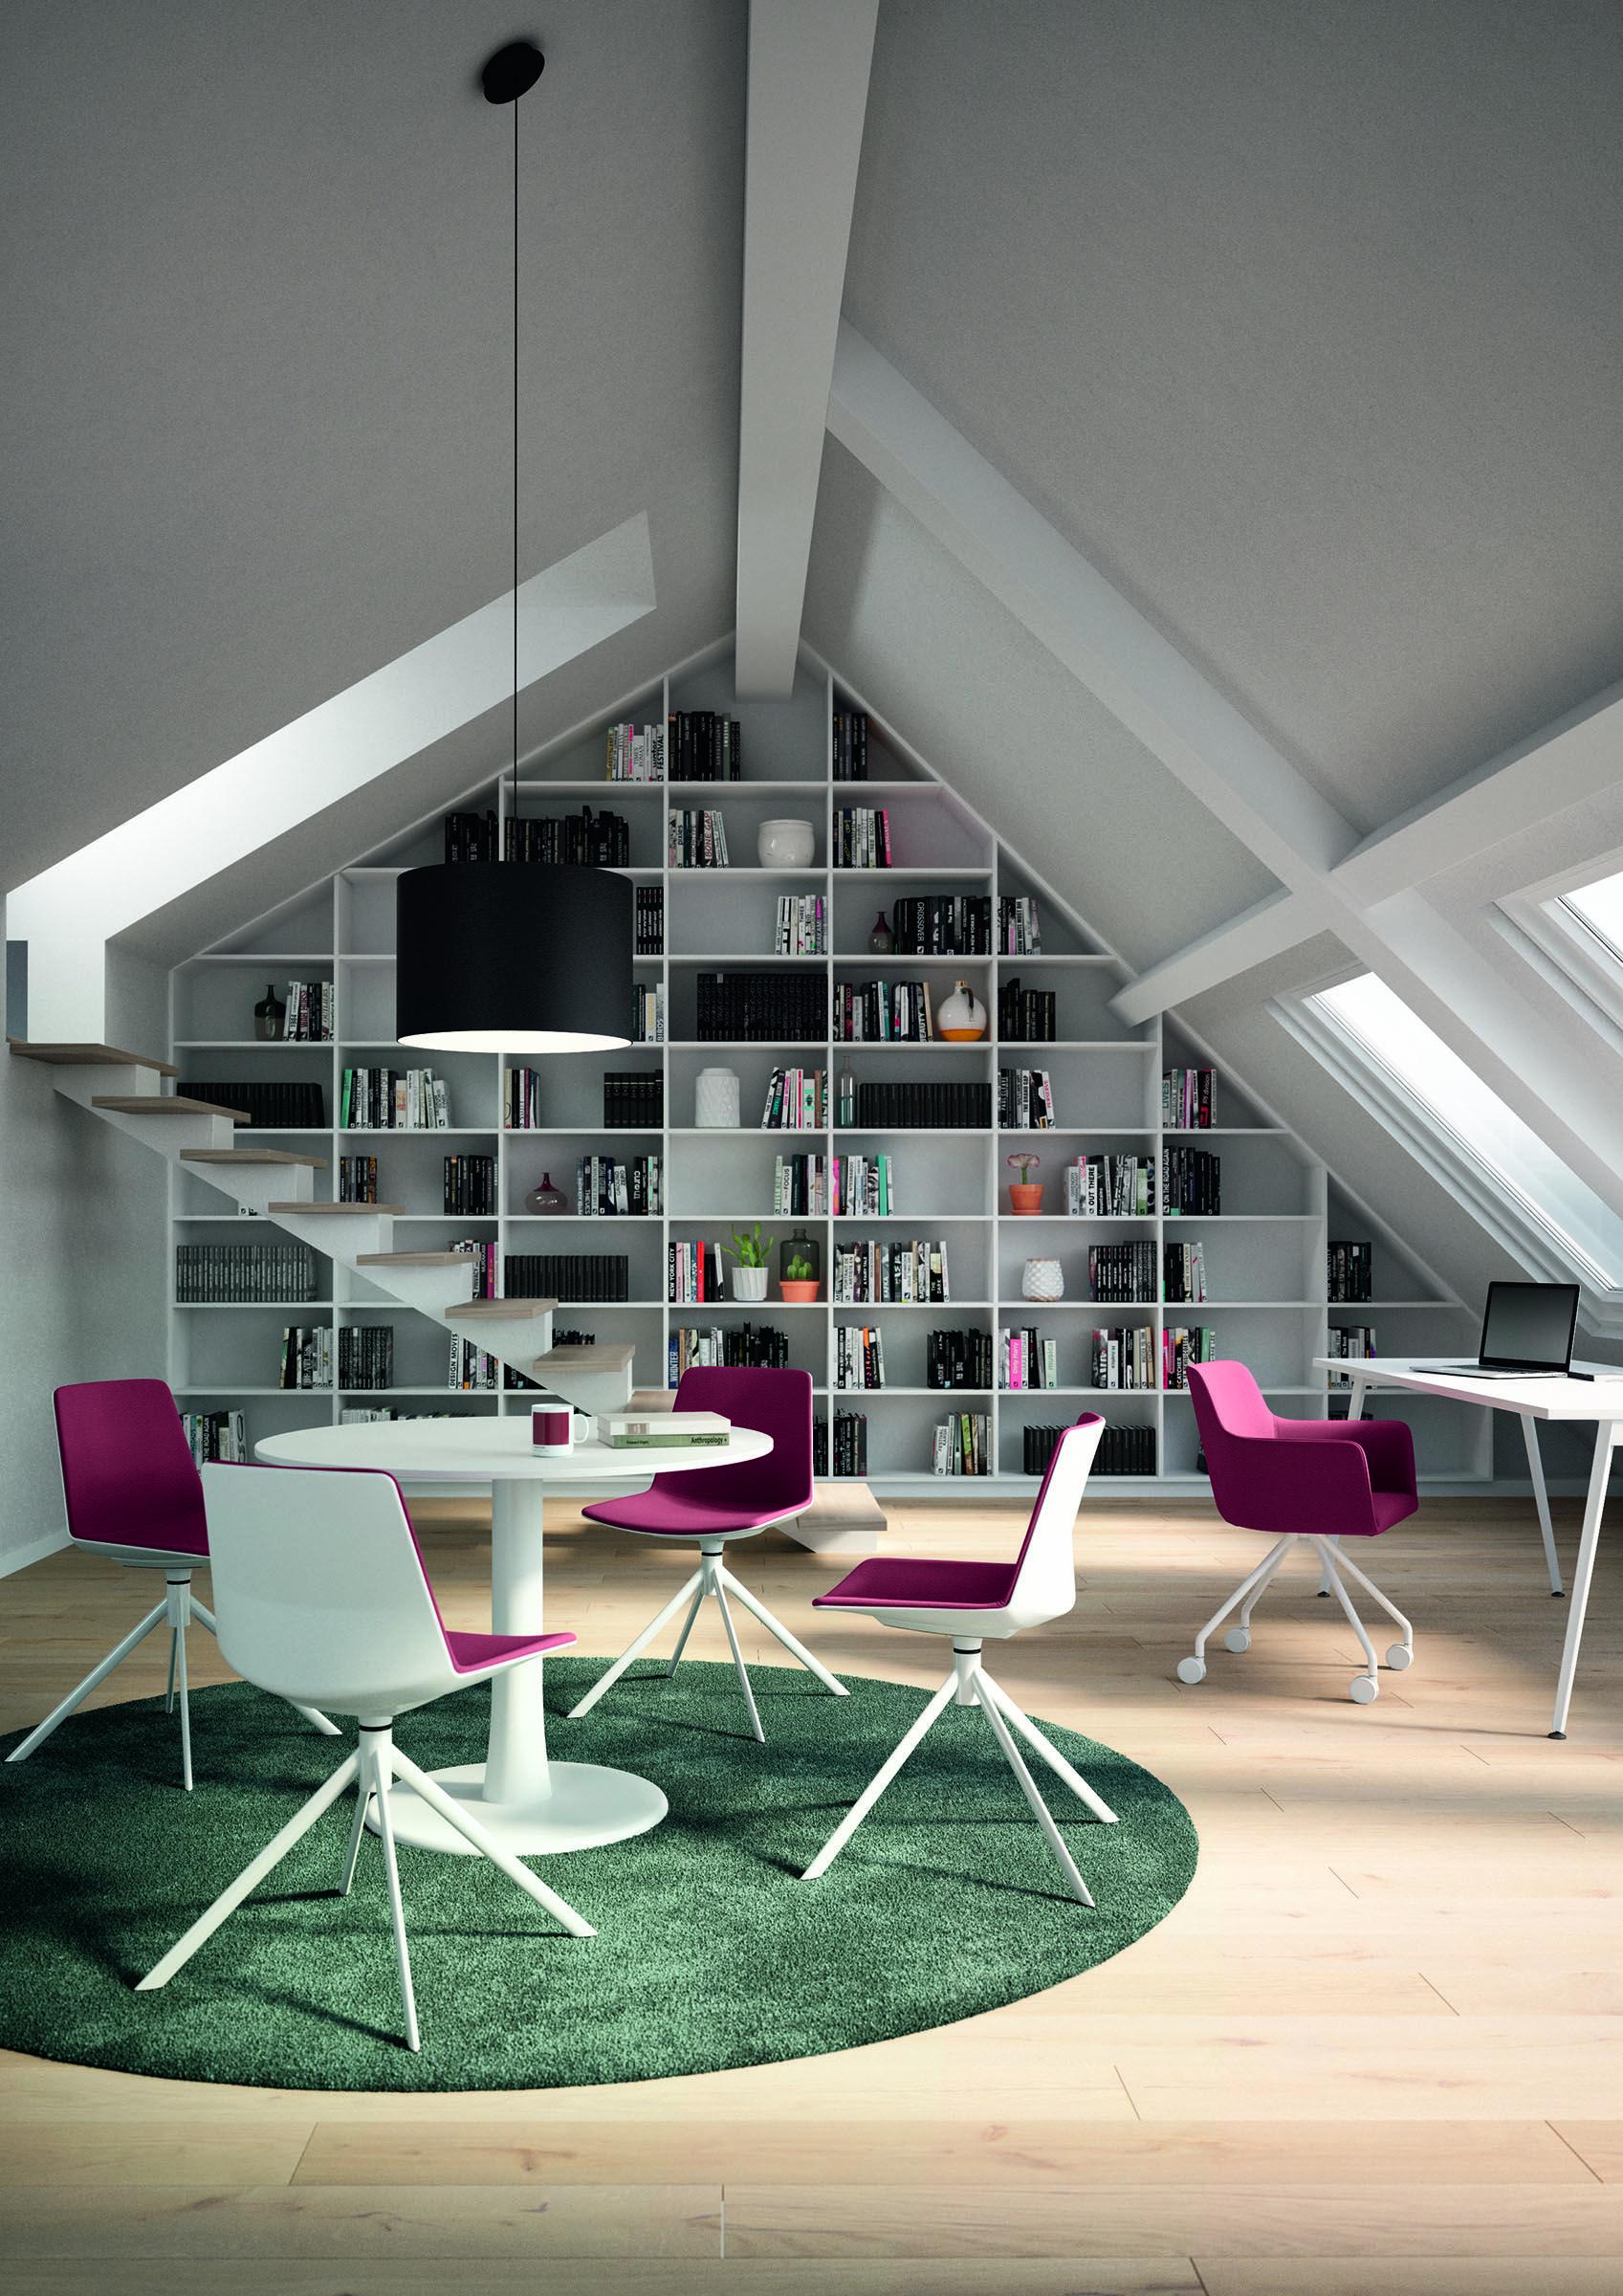 Quadrifoglio Mobili Per Ufficio.Range Of Tables With Biconical Basement In Lacquer Finish With